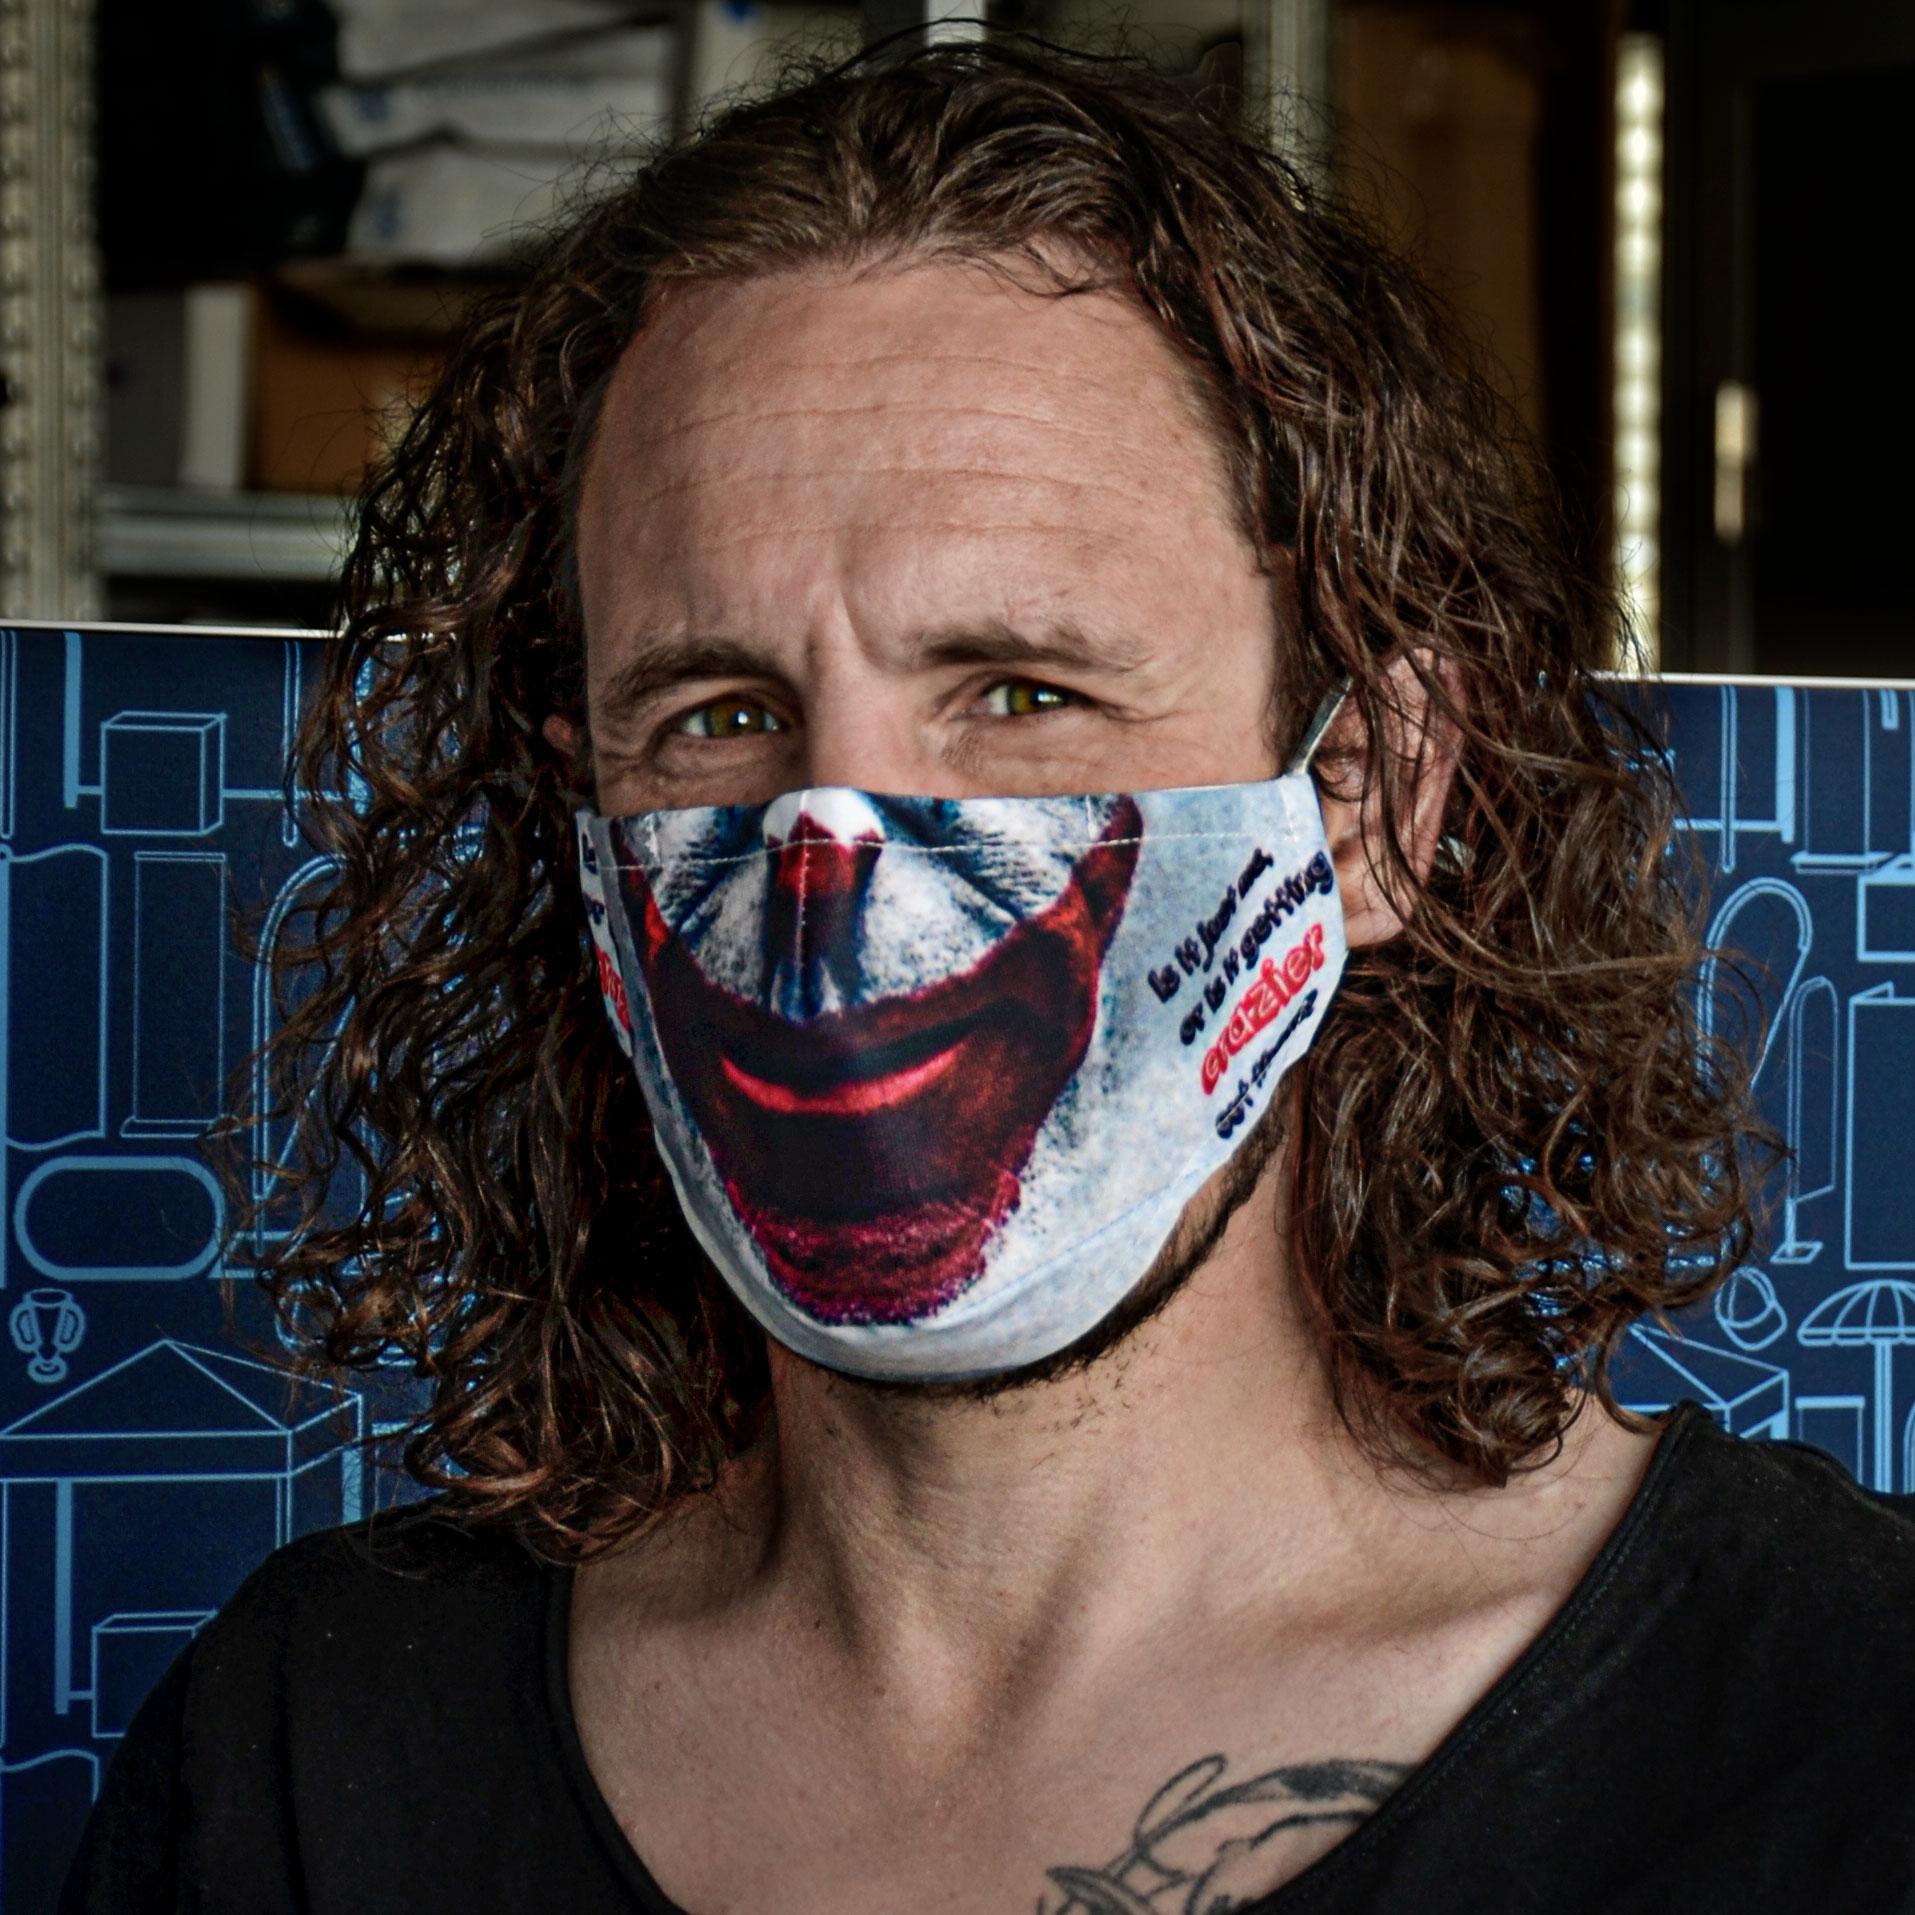 Alltagsmasken Gesichtsform - selbst gestaltet (ab 5 Stk)